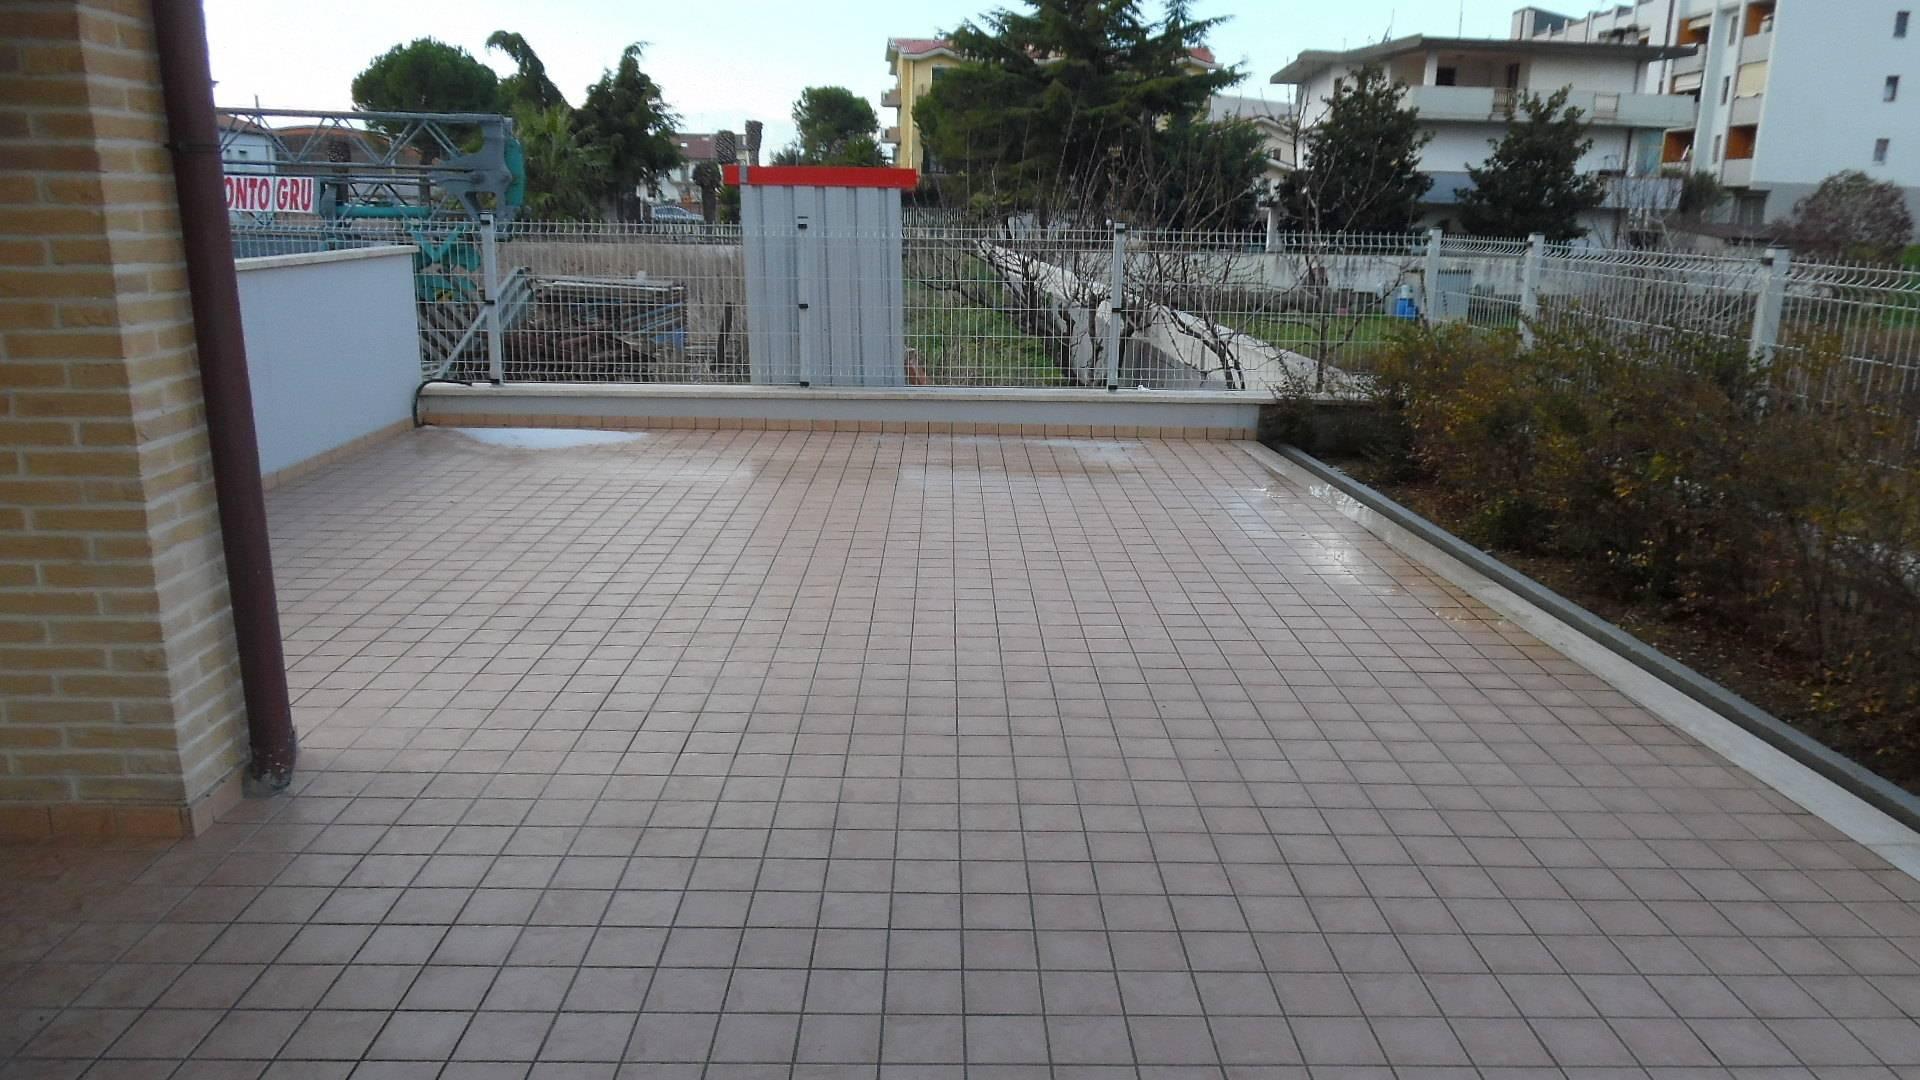 Appartamento in vendita a Monteprandone, 4 locali, zona Zona: Centobuchi, prezzo € 155.000 | CambioCasa.it